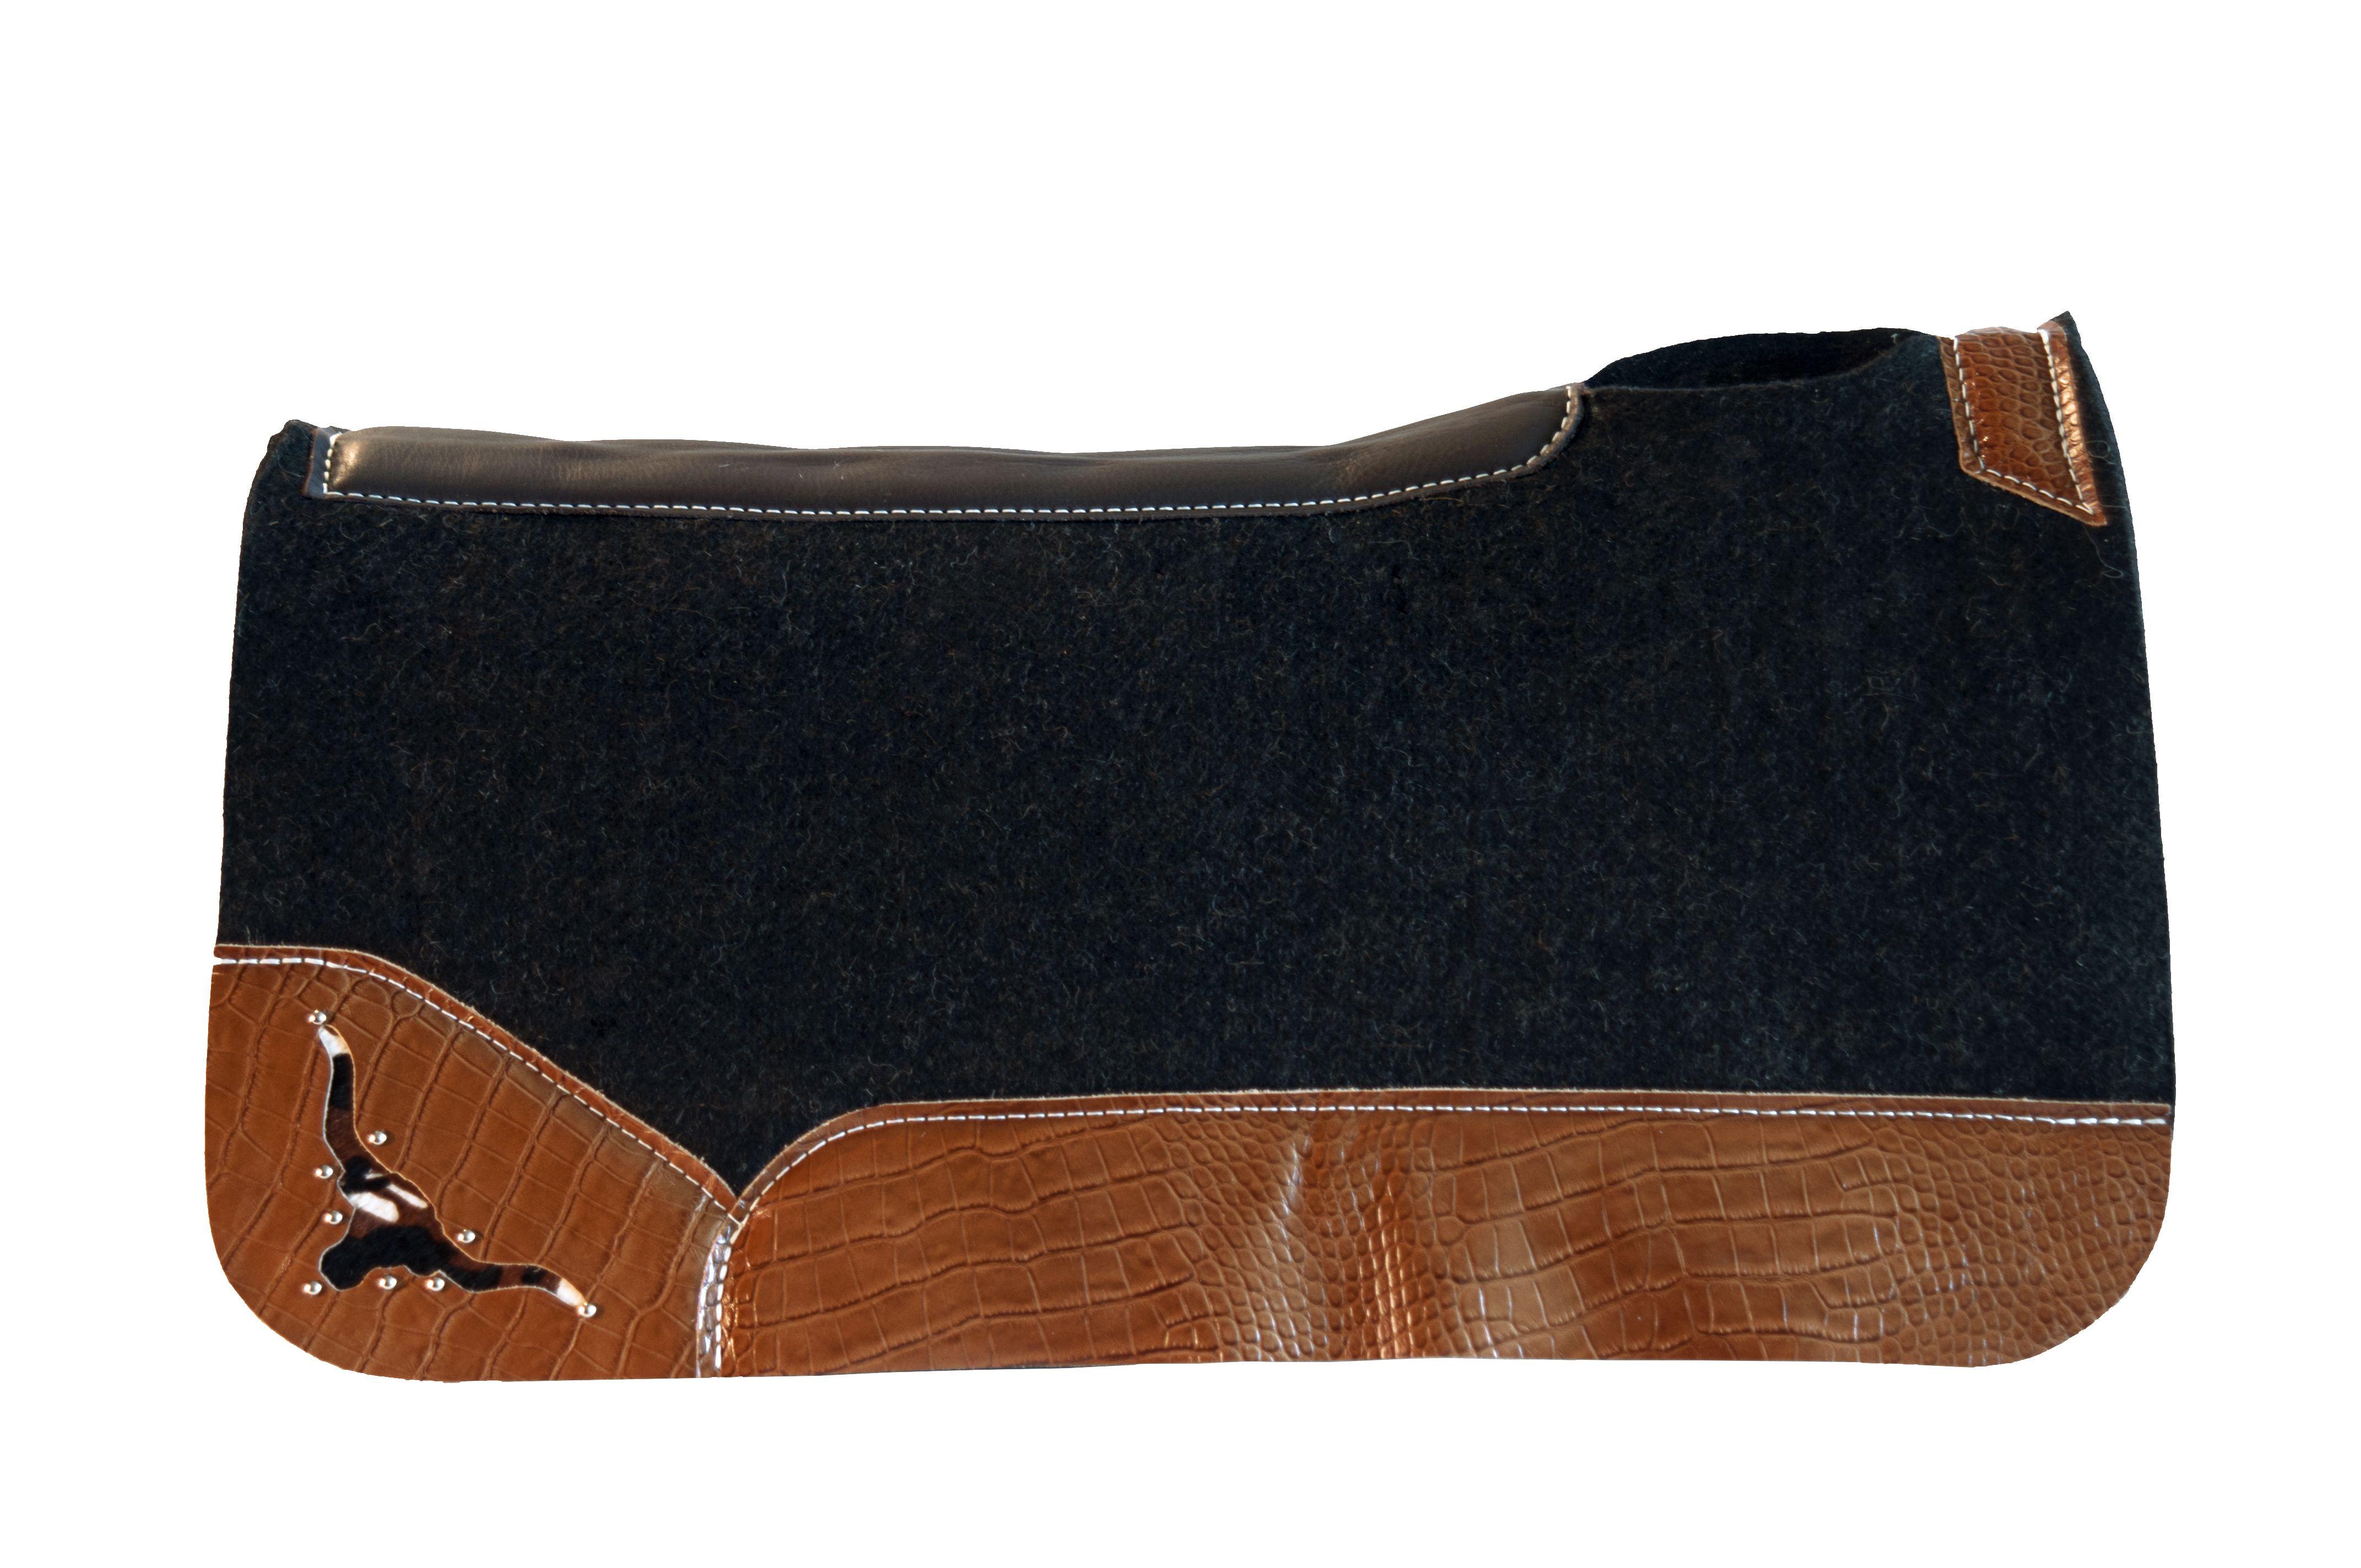 Best Ever Pads - Custom Saddle Pads - Horse Tack - Western Tack - Tobacco Croc - Longhorn - OG Wool - www.BestEverPads.com - 805-528-8009